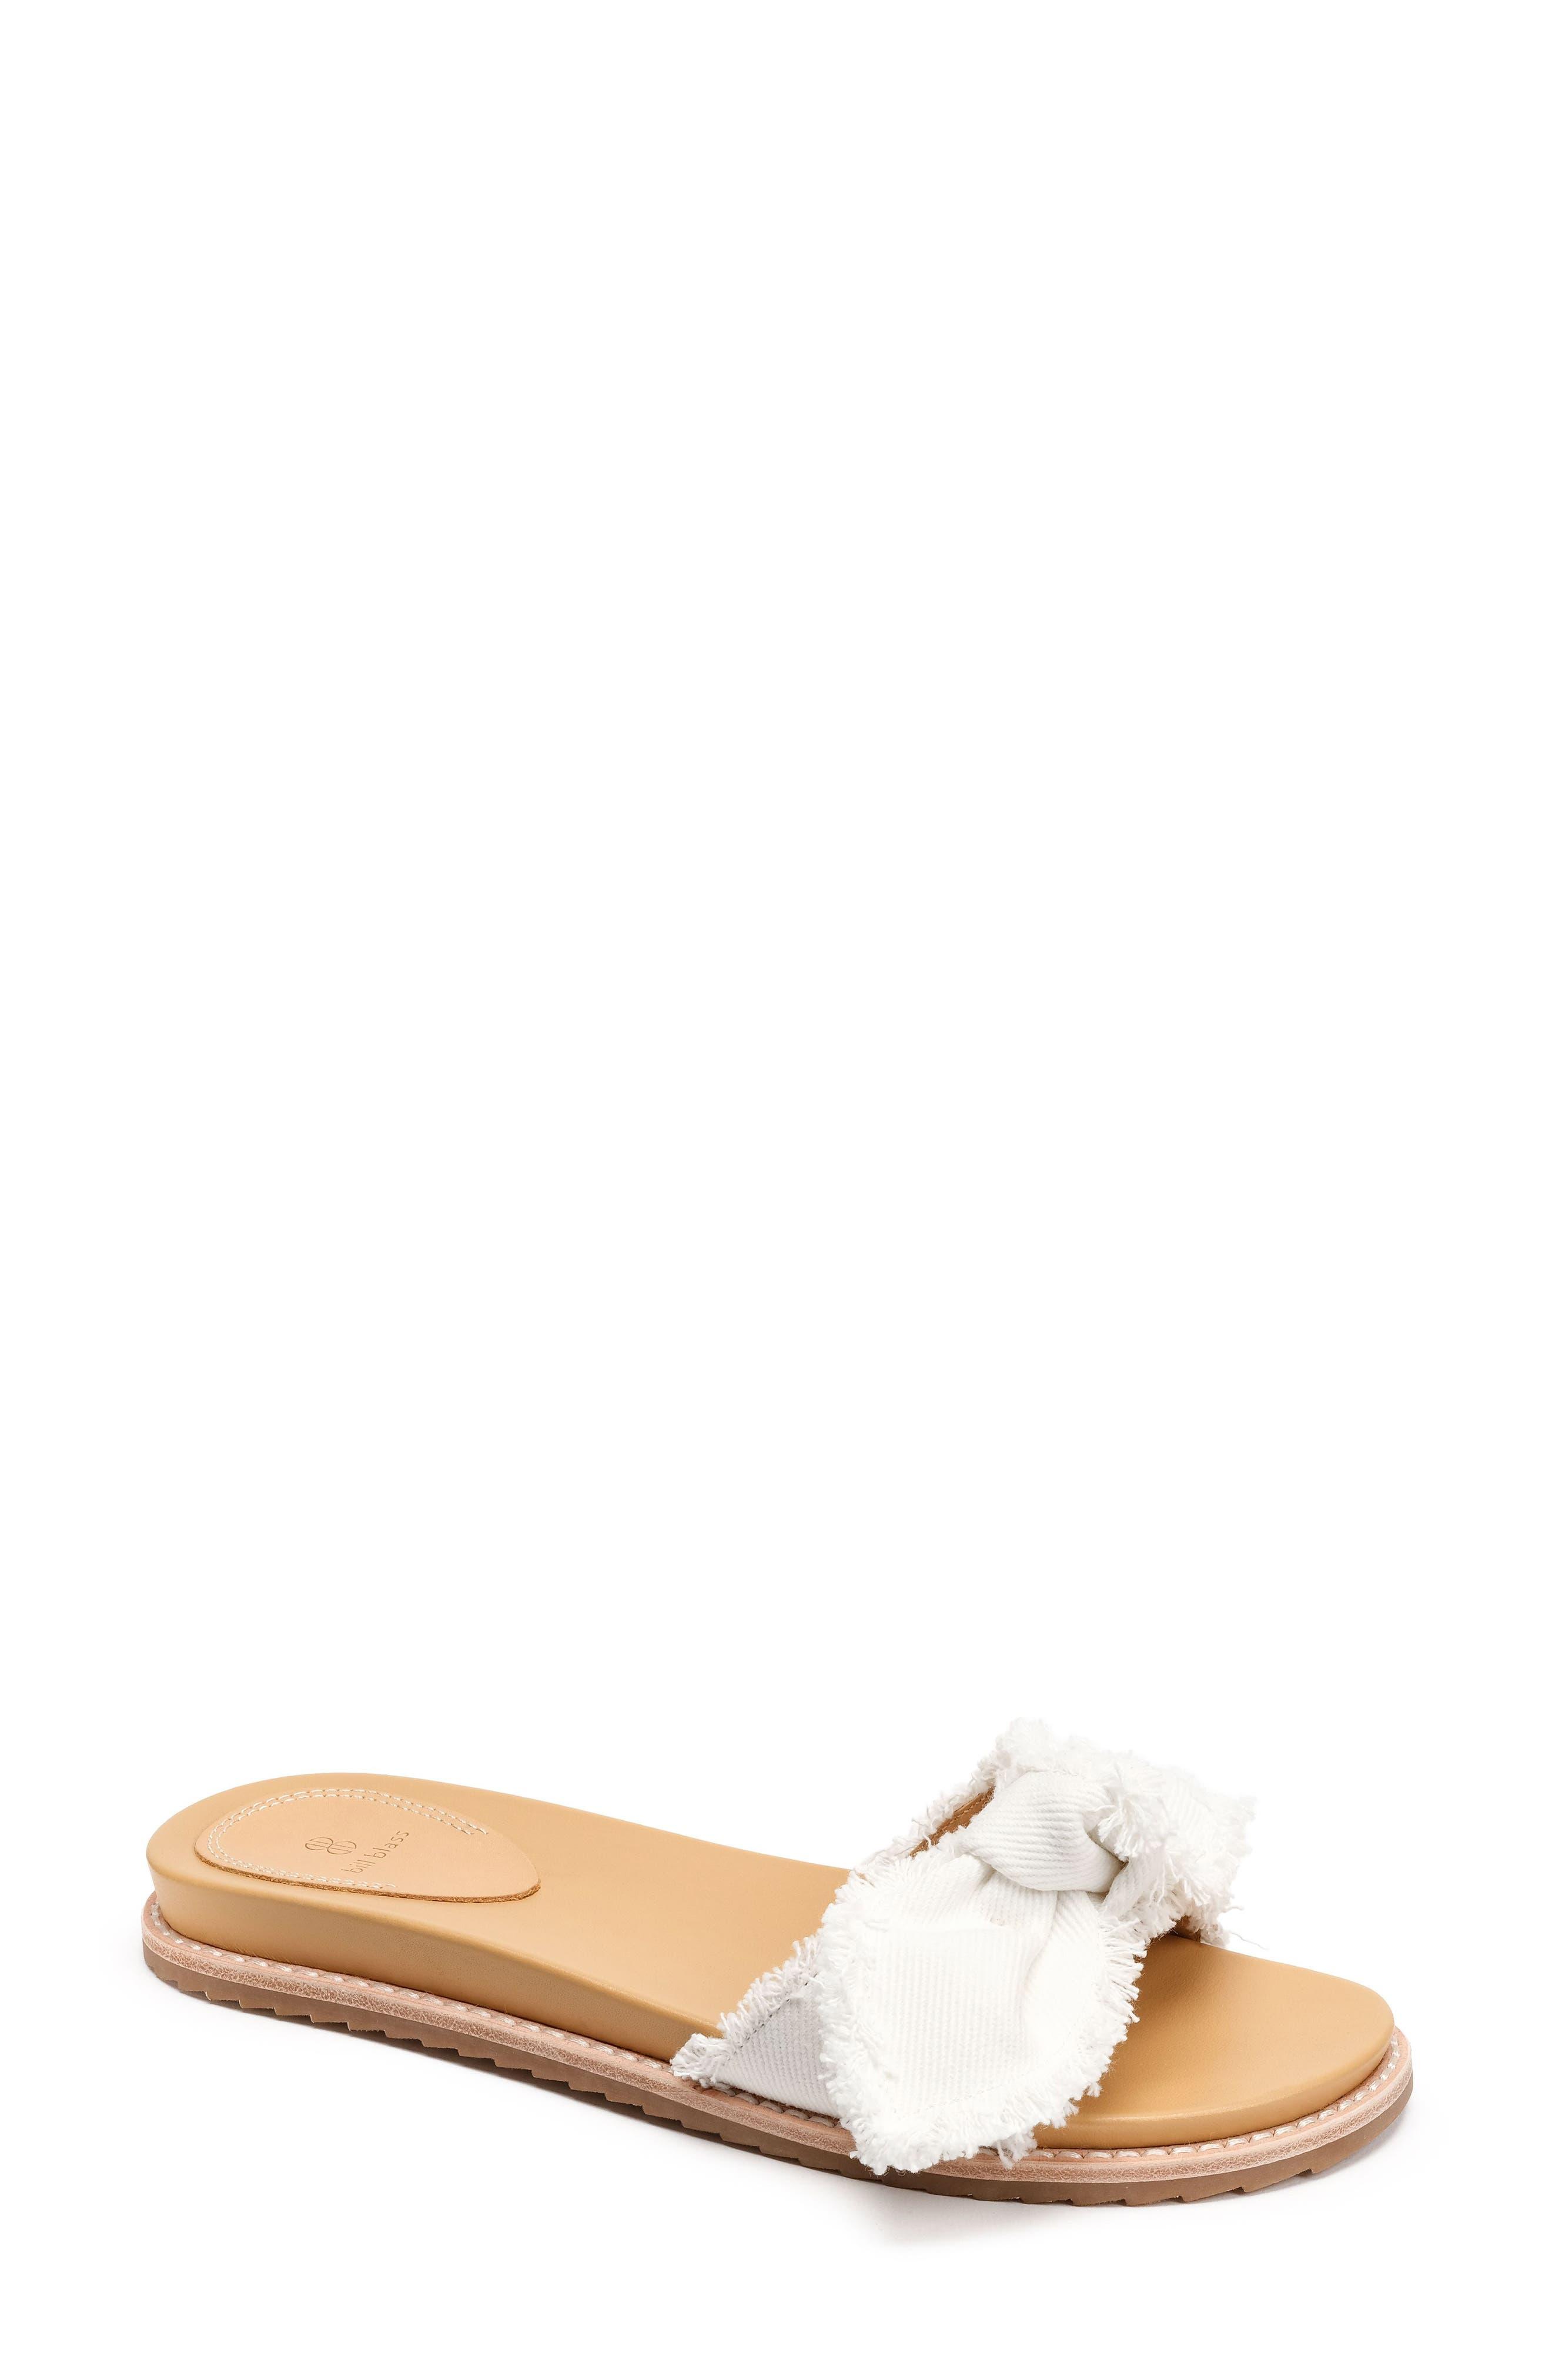 Carmela Slide Sandal,                         Main,                         color, 101